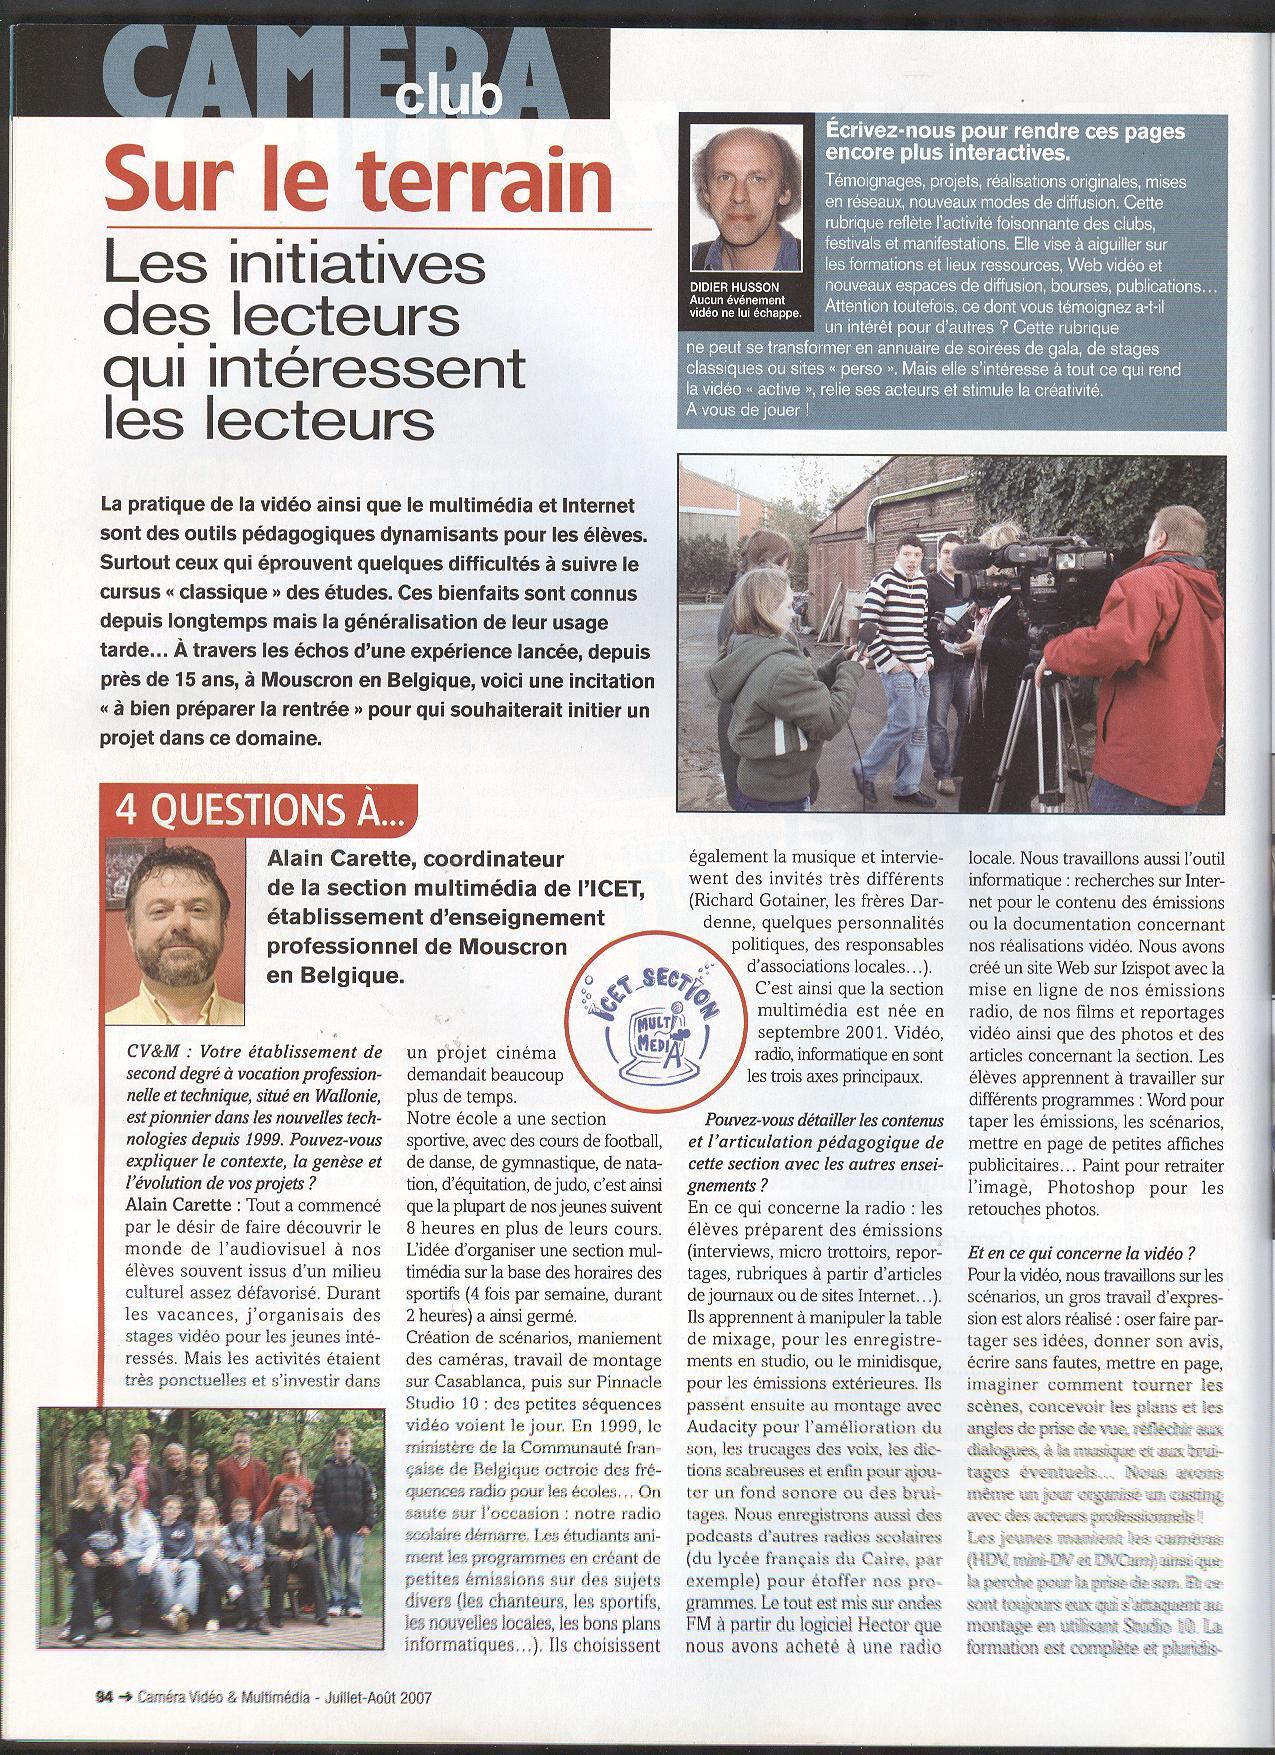 reportage de la revue française Caméra Vidéo 2007